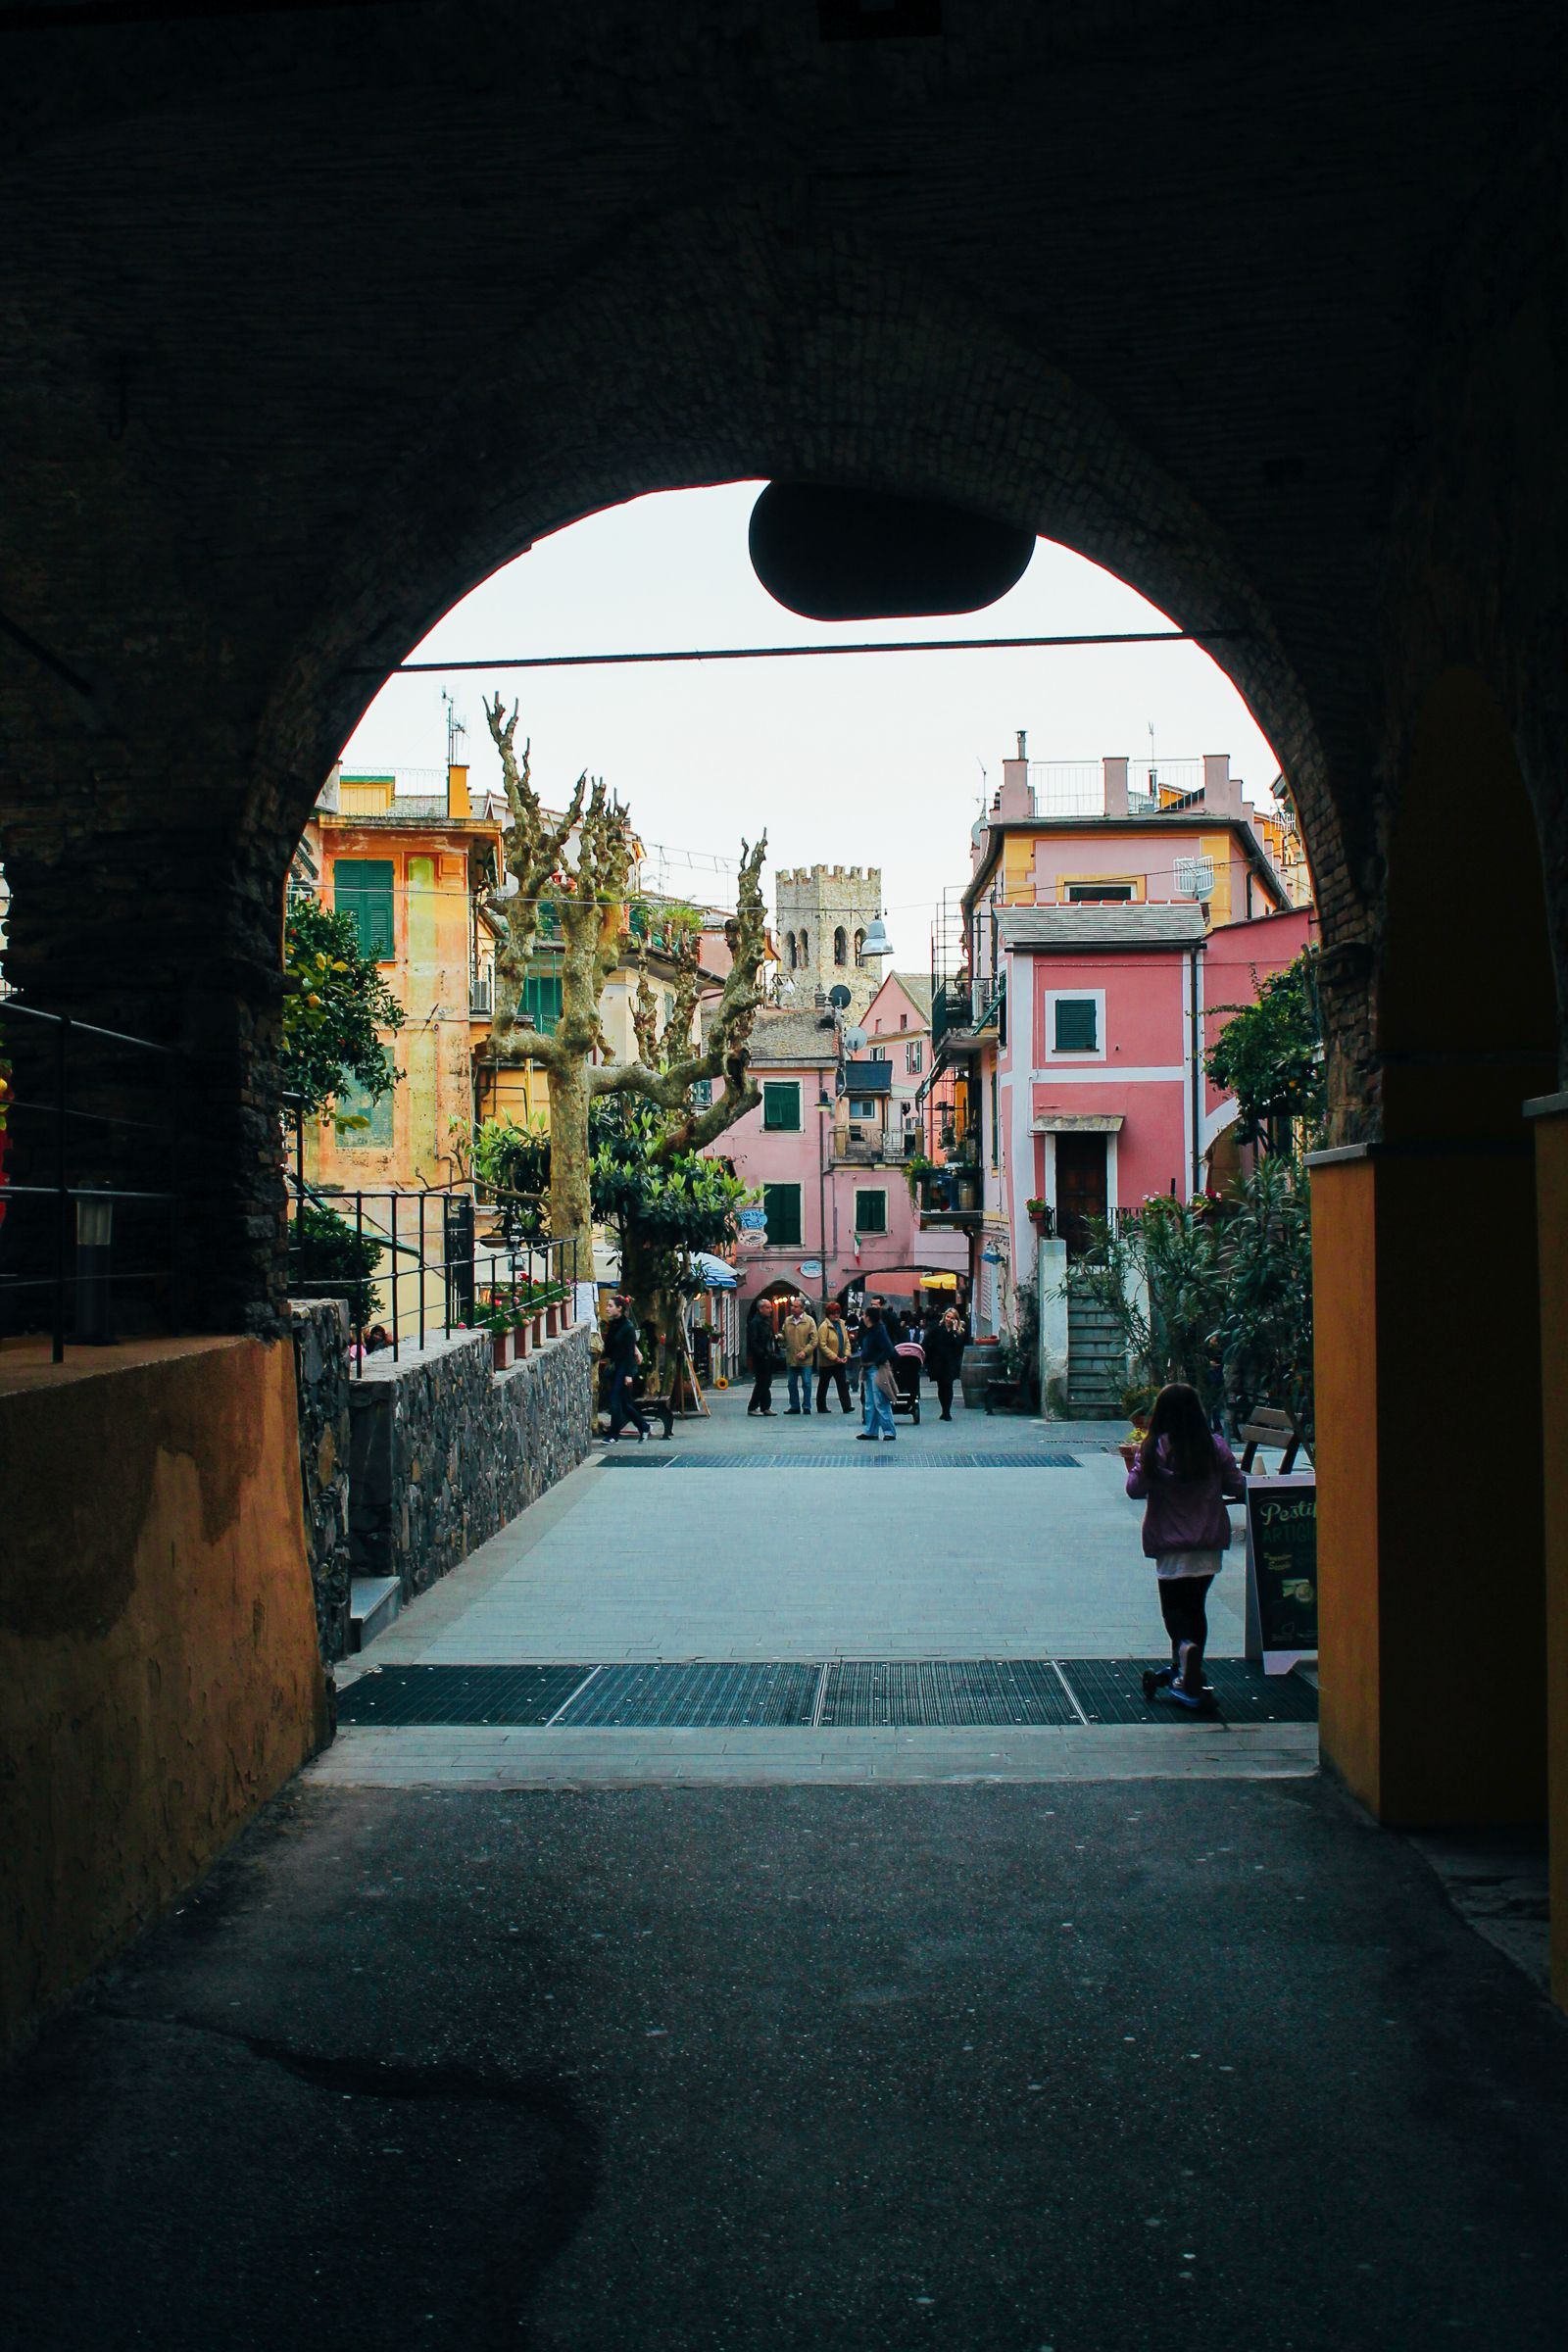 Monterosso al Mare in Cinque Terre, Italy - The Photo Diary! [5 of 5] (2)